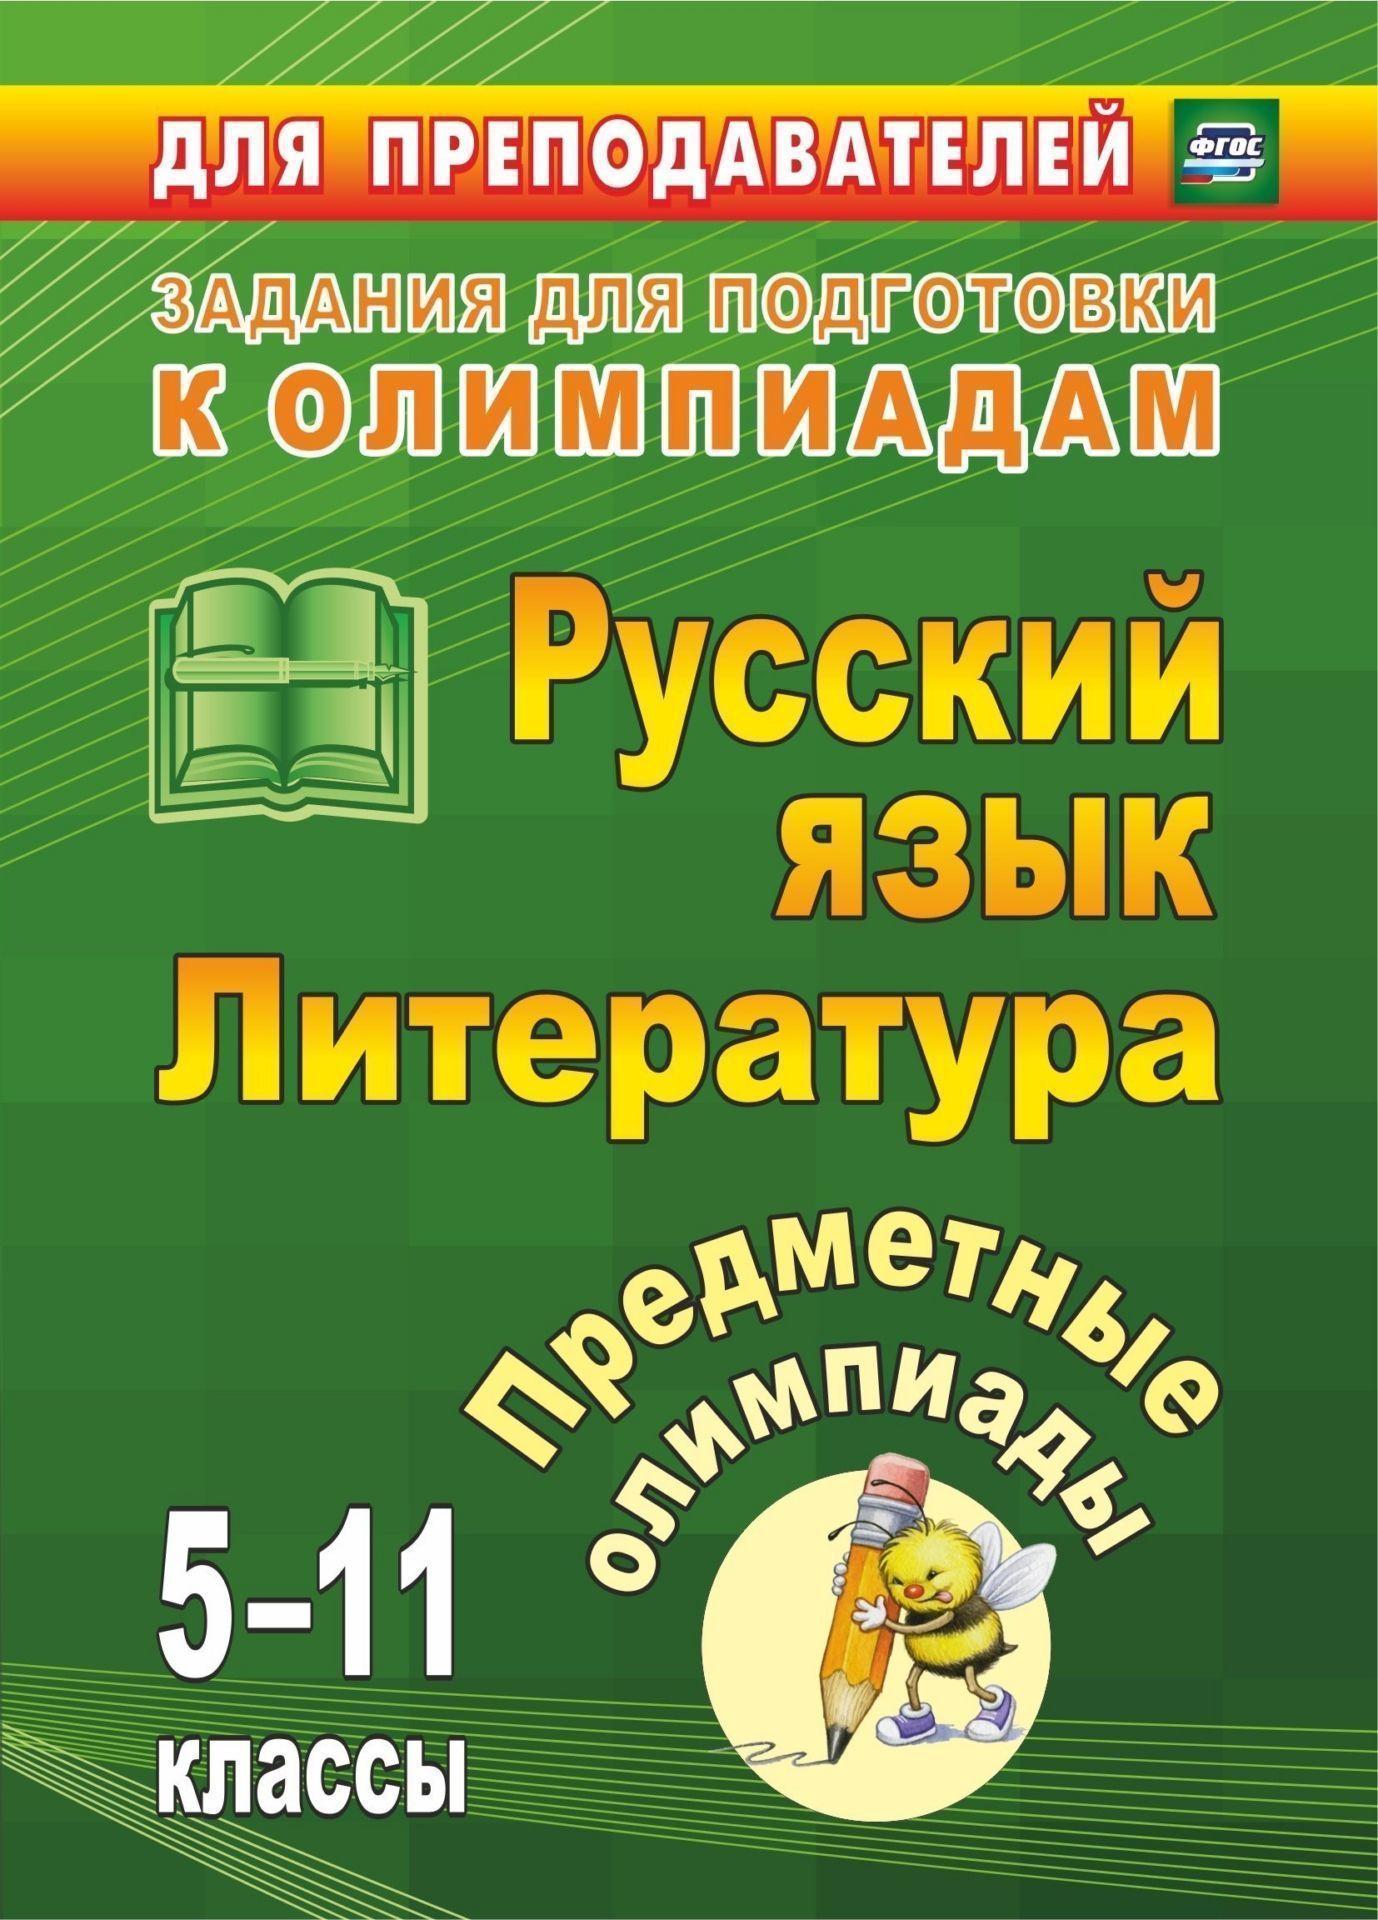 Предметные олимпиады. 5-11 классы. Русский язык. Литература. Программа для установки через Интернет